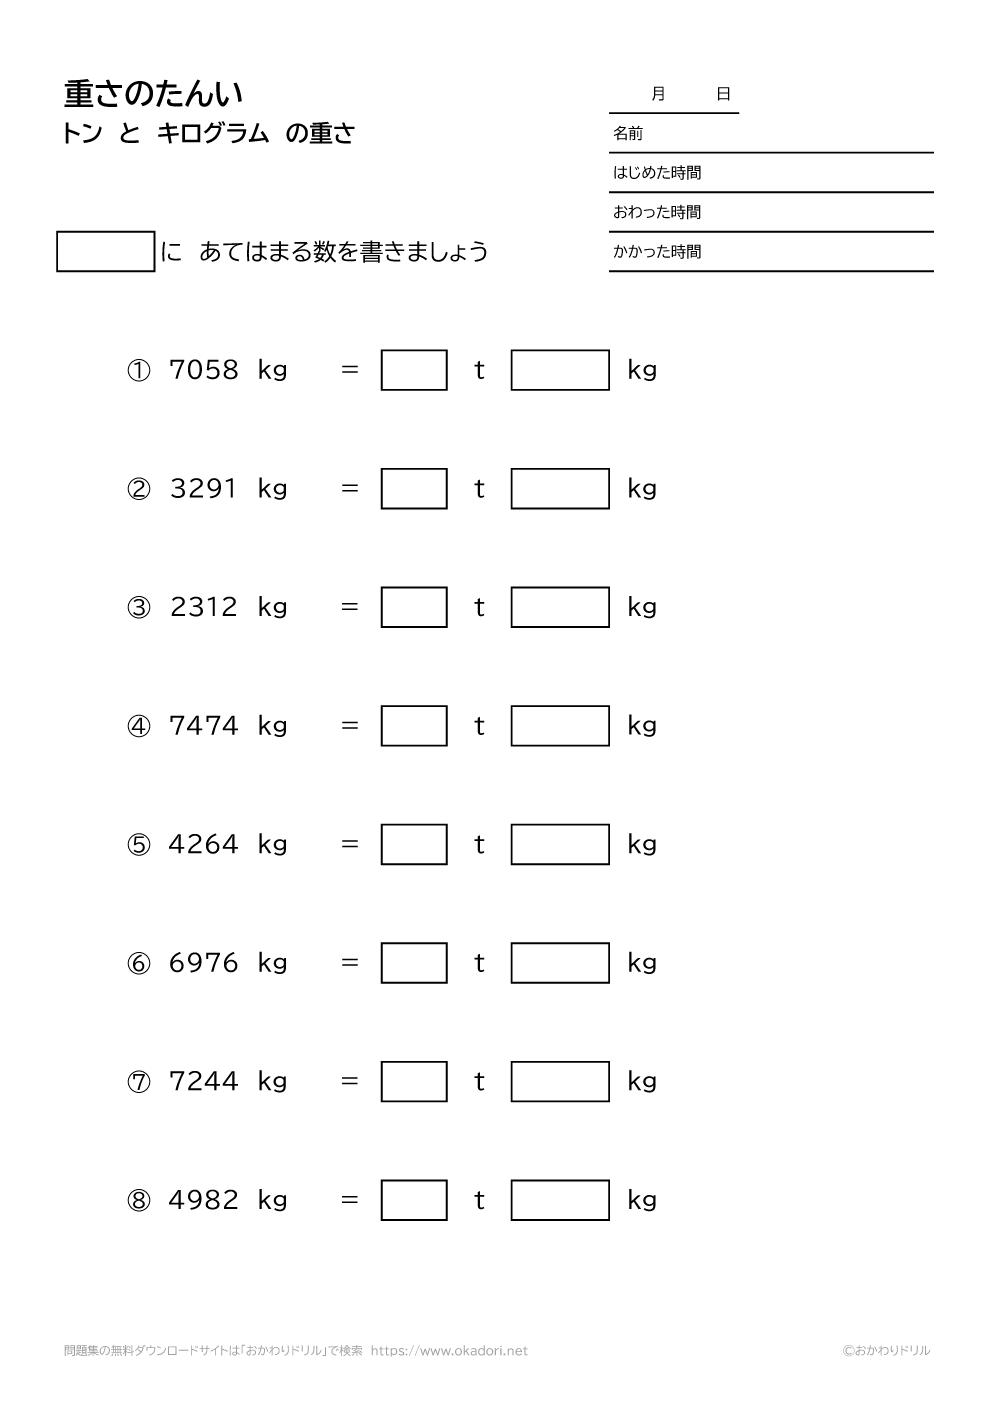 トンとキログラムの重さの単位-1-2